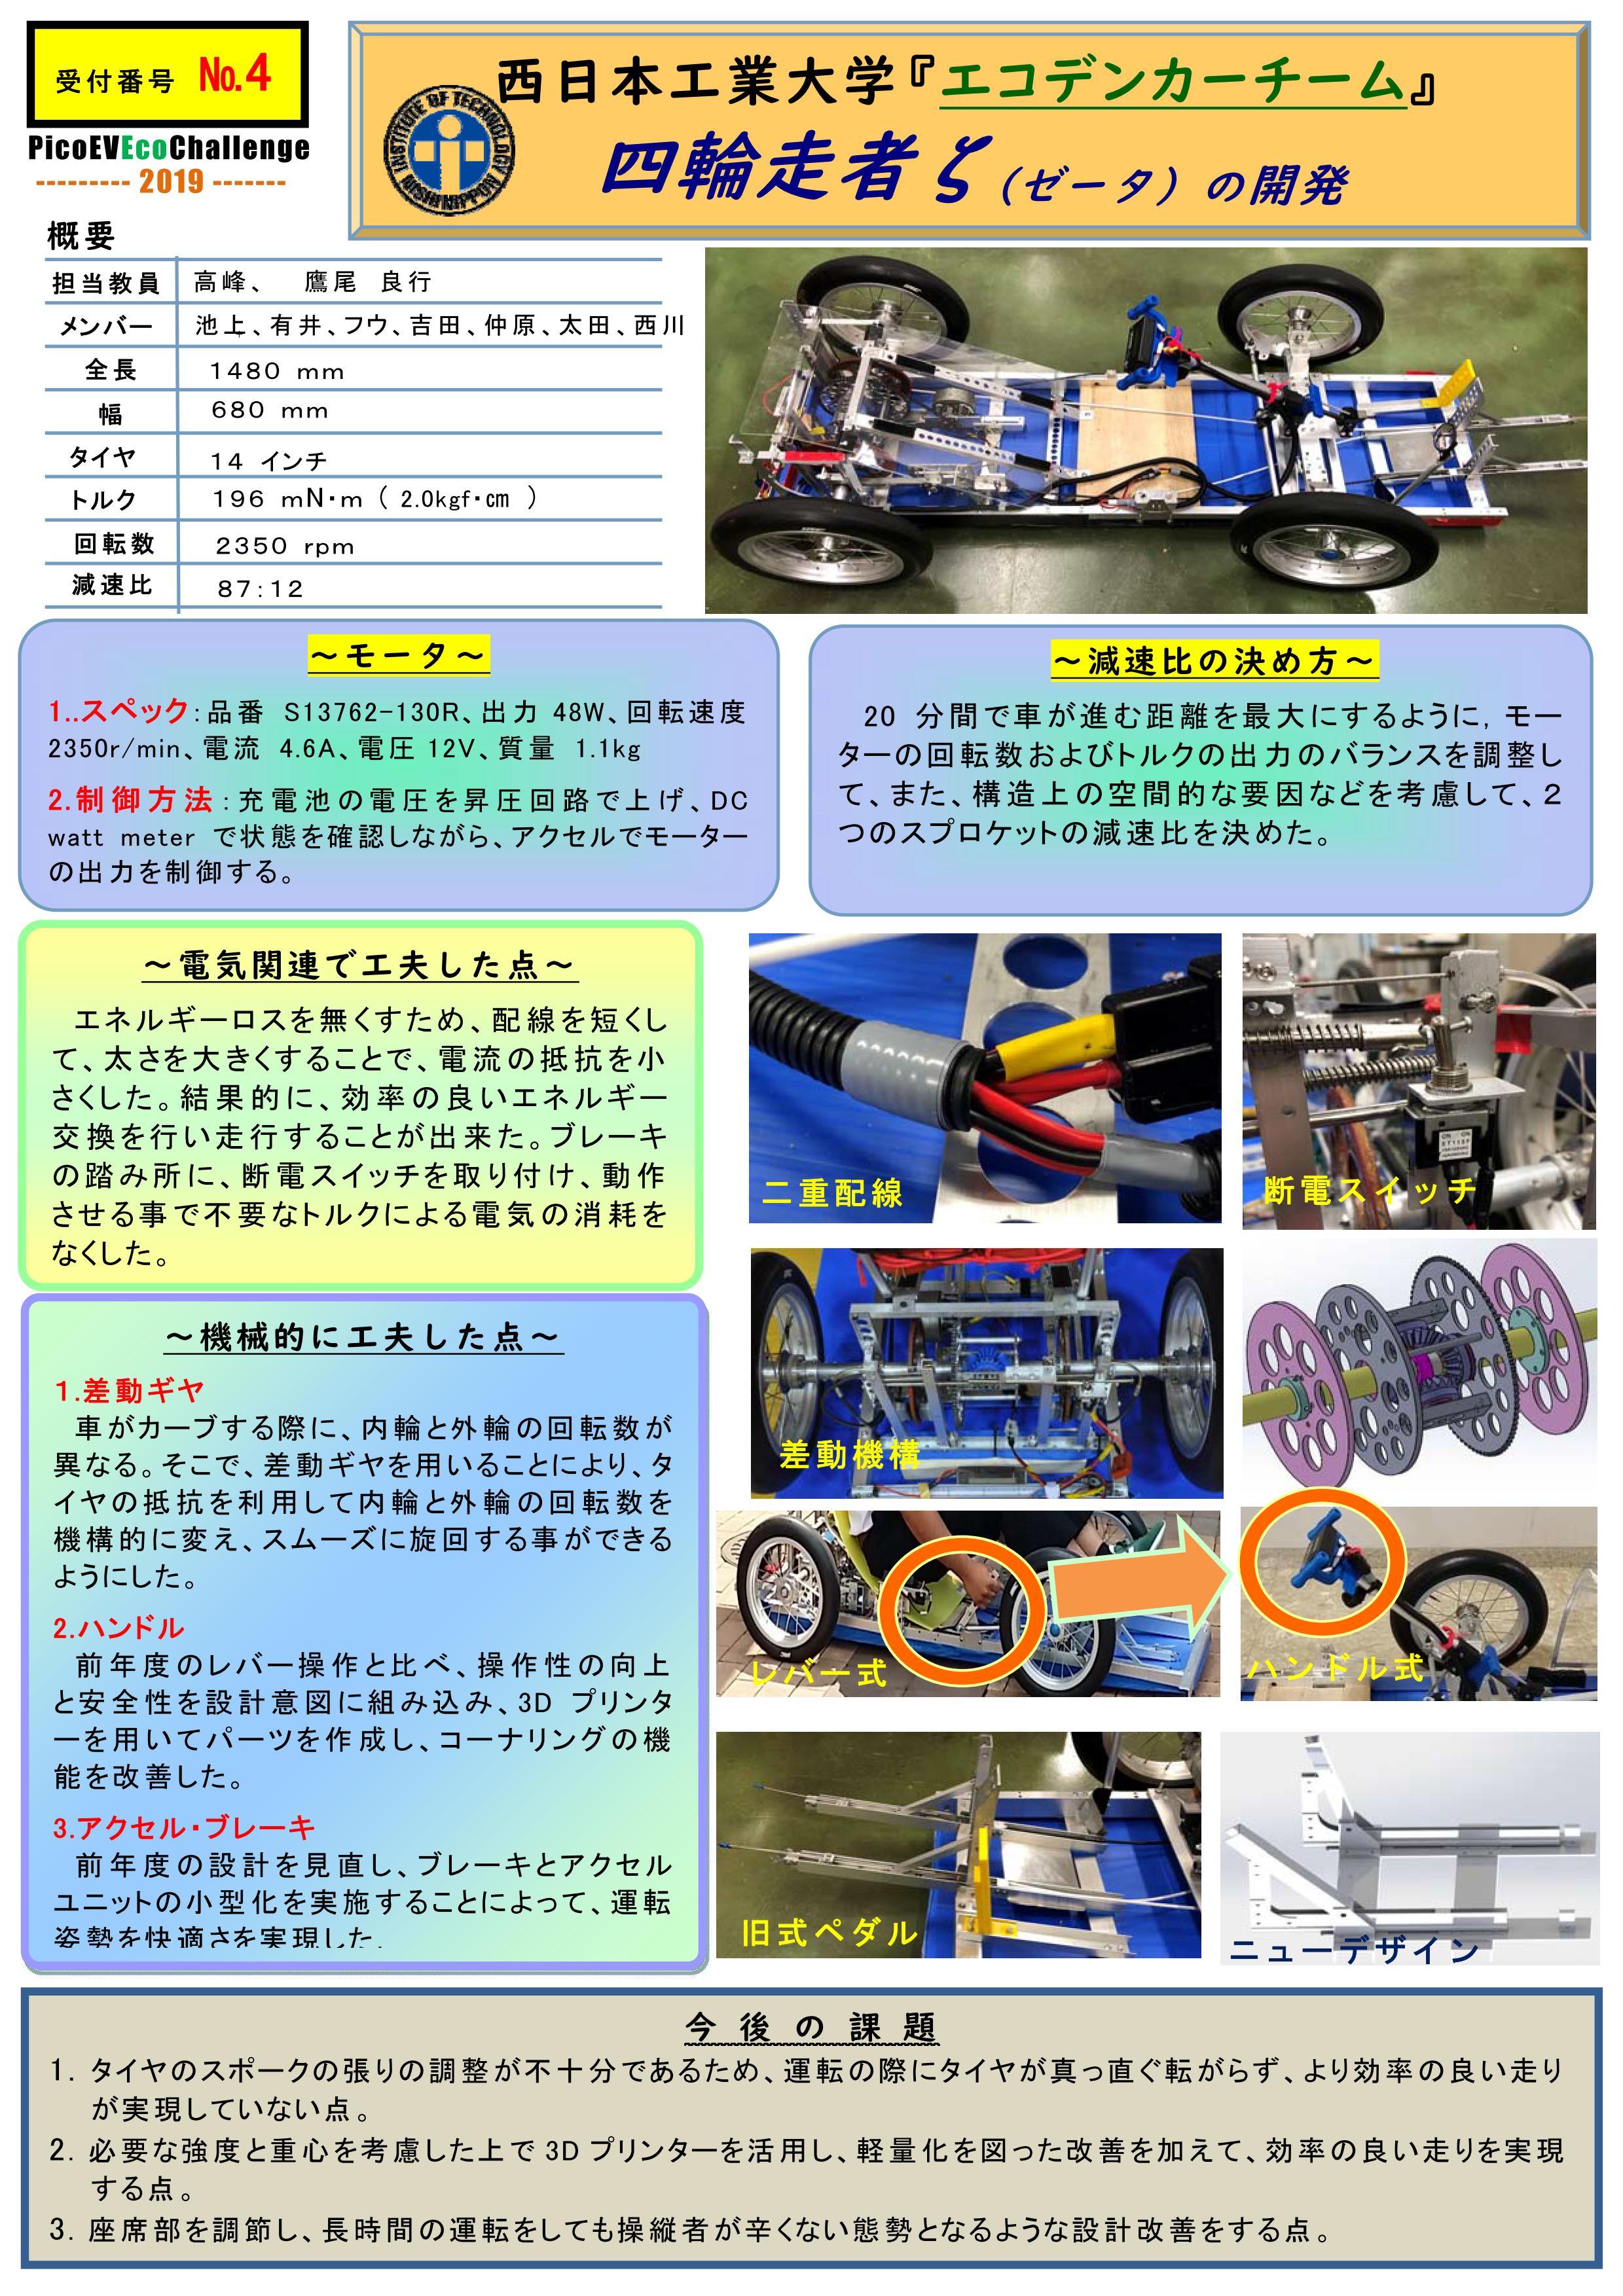 3_エコ電動車技術講演会2019_西日本工業大学_ソーラーカーチーム(エコデン)